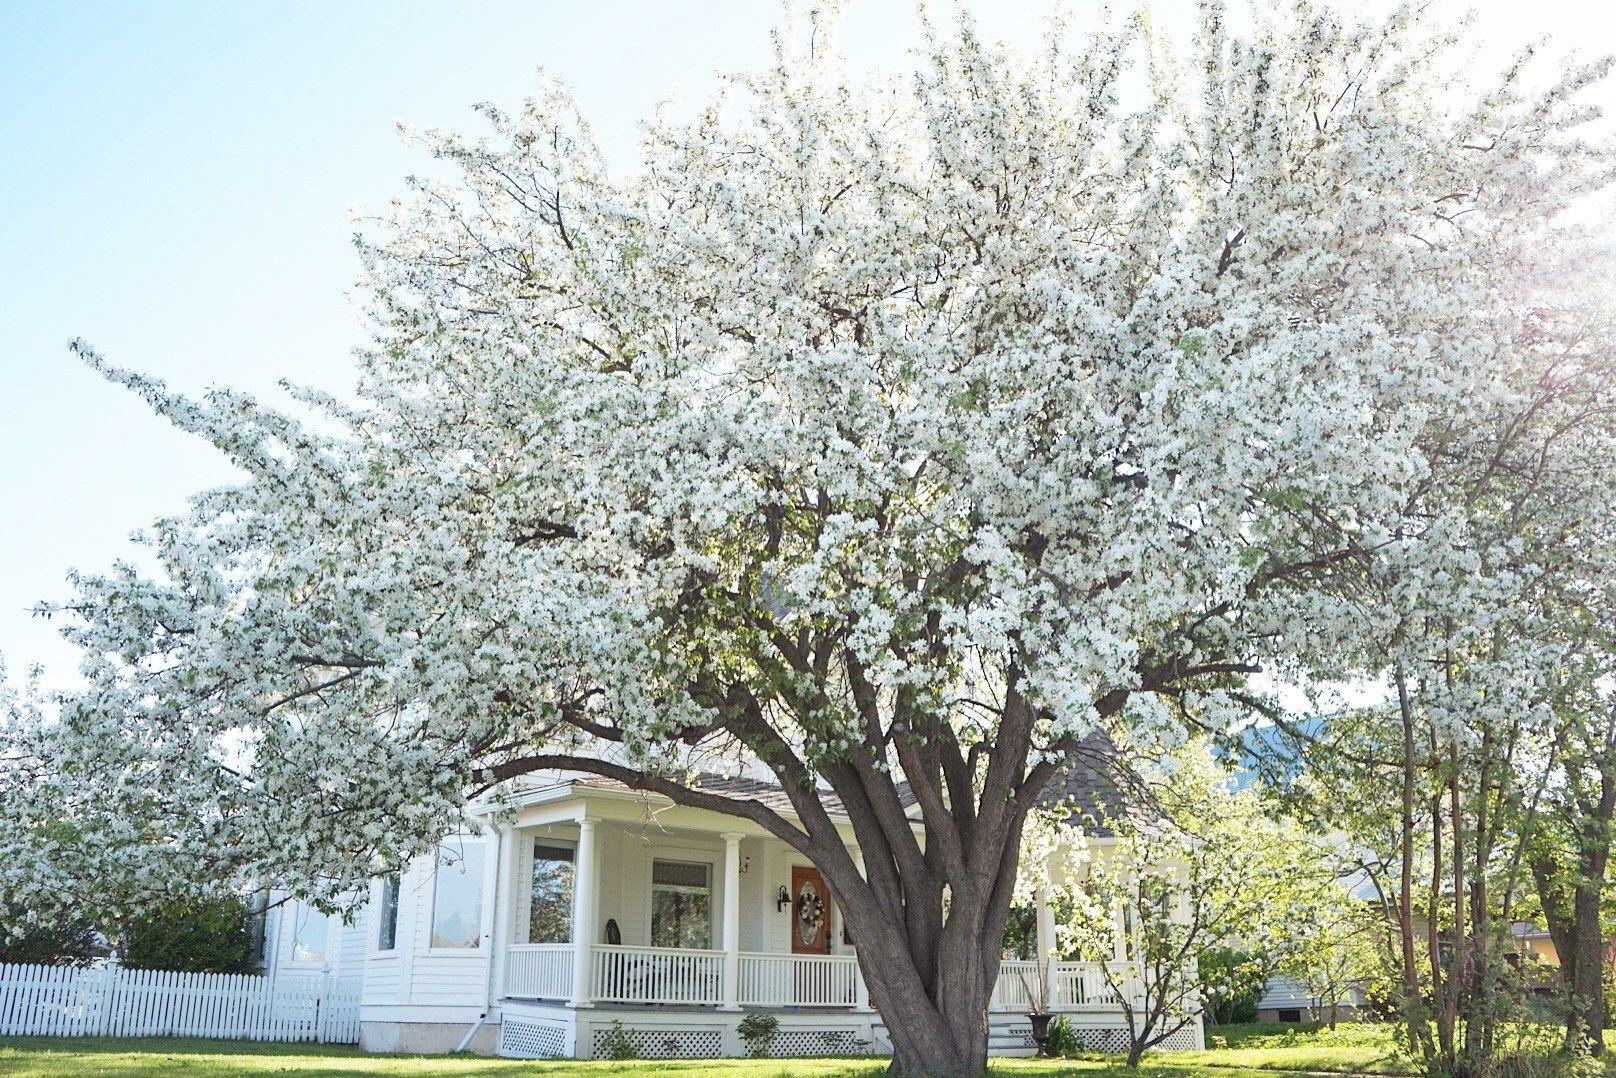 Apple Tree In Bloom 5 Favorite Springtime Blooms Apple Tree Gardening Apple Tree Blossoms Garden Trees